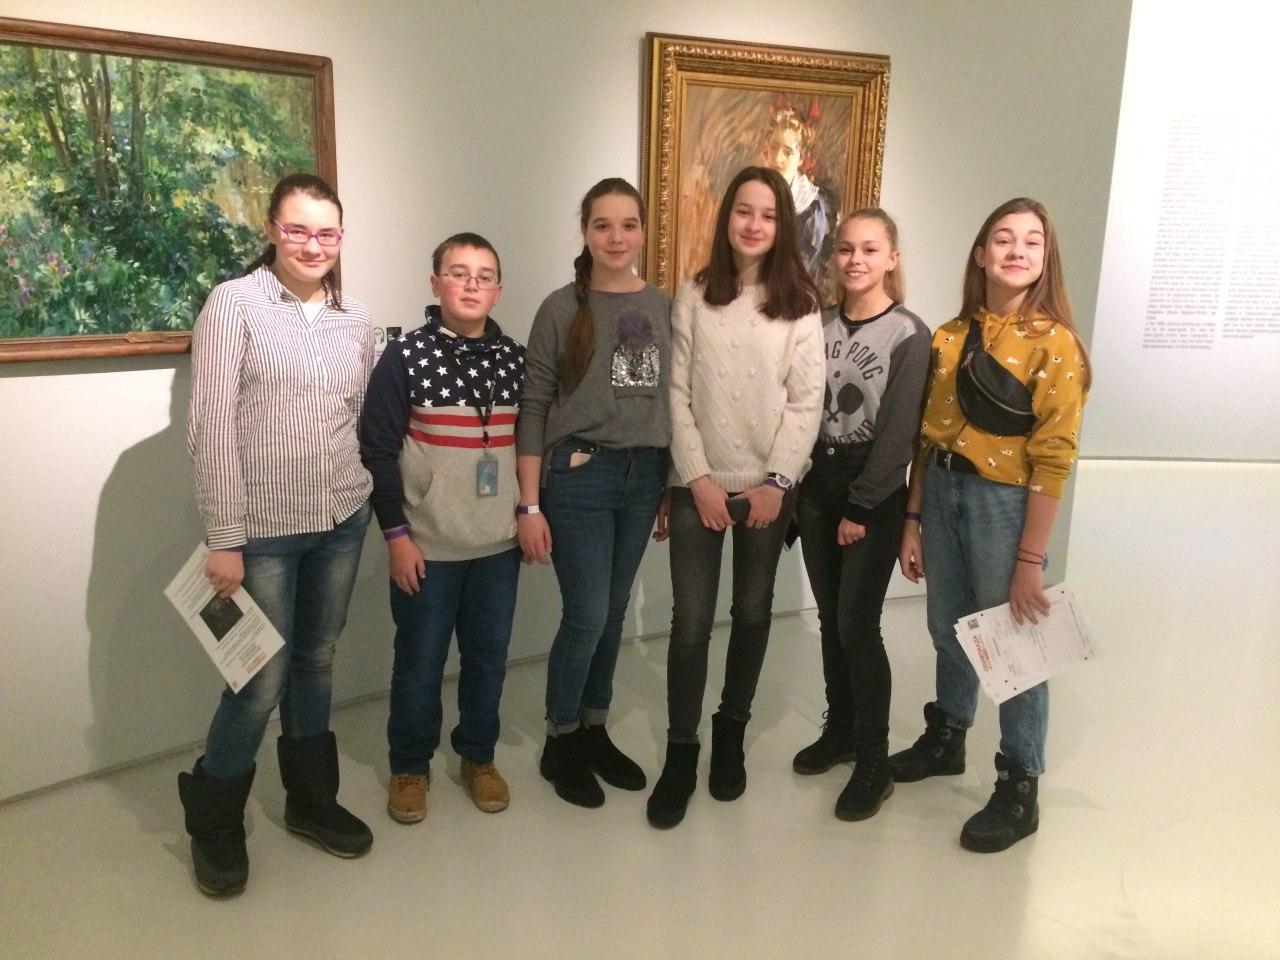 Школьники из Савеловского района побывали в Музее русского импрессионизма